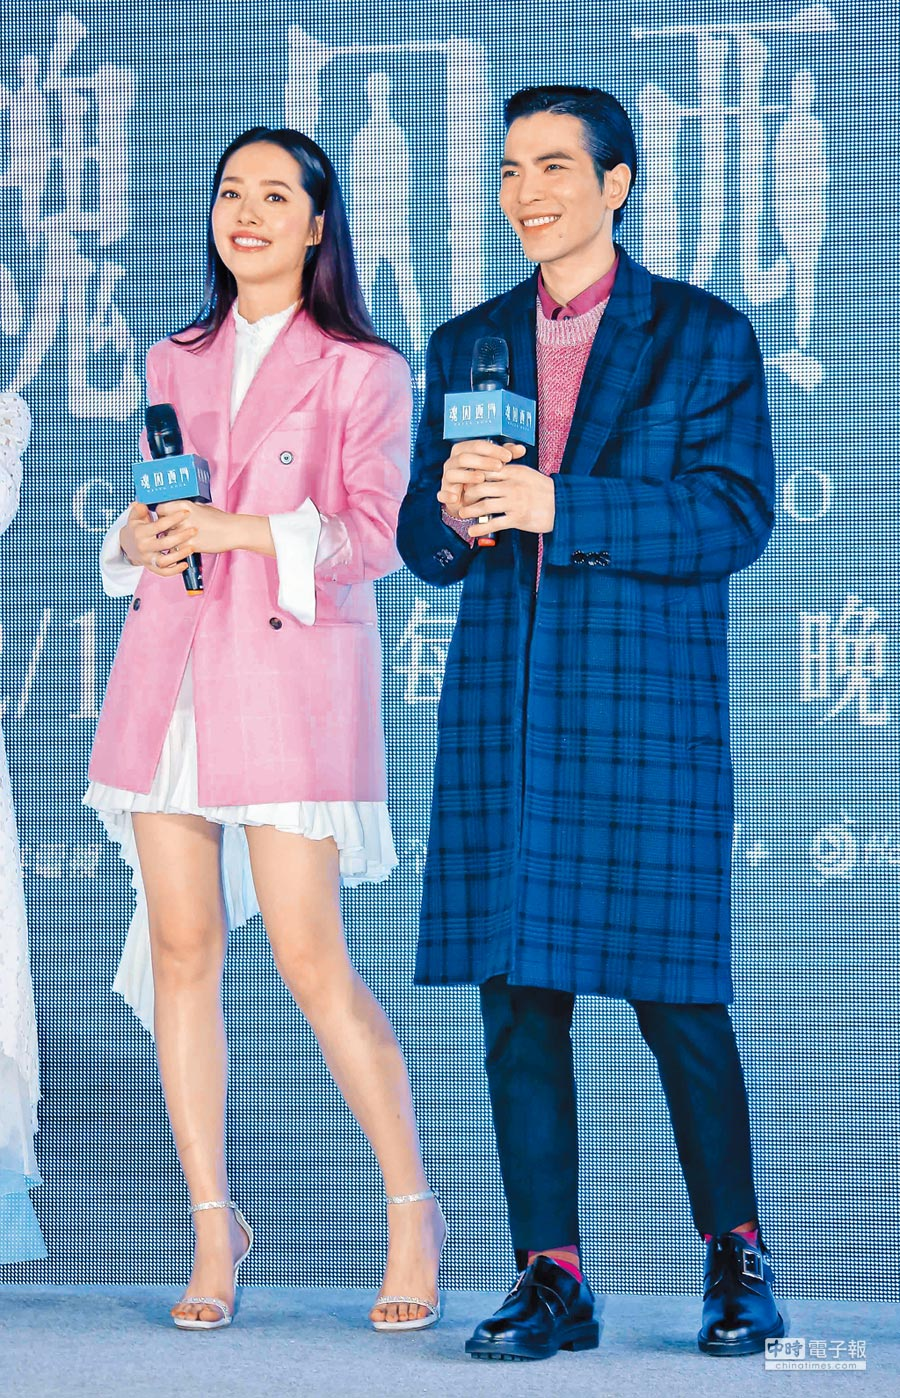 蕭敬騰(右)和郭碧婷昨為新戲造勢。(羅永銘攝)